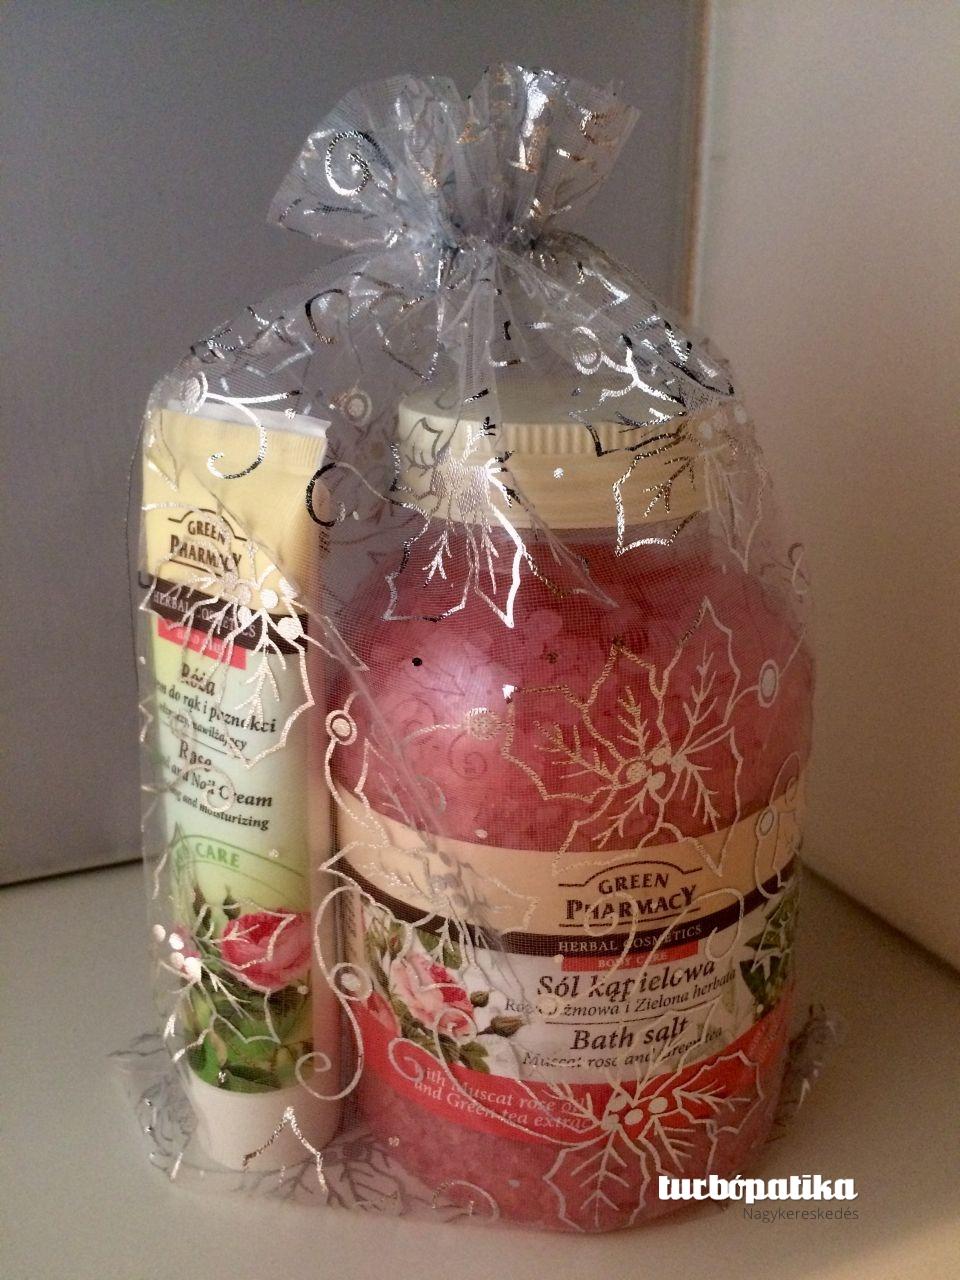 Green Pahrmacy Gyógynövényes fürdősó rózsa kivonattal 1300g + Green Pharmacy Kéz- és körömápoló krém rózsa kivonattal 100ml